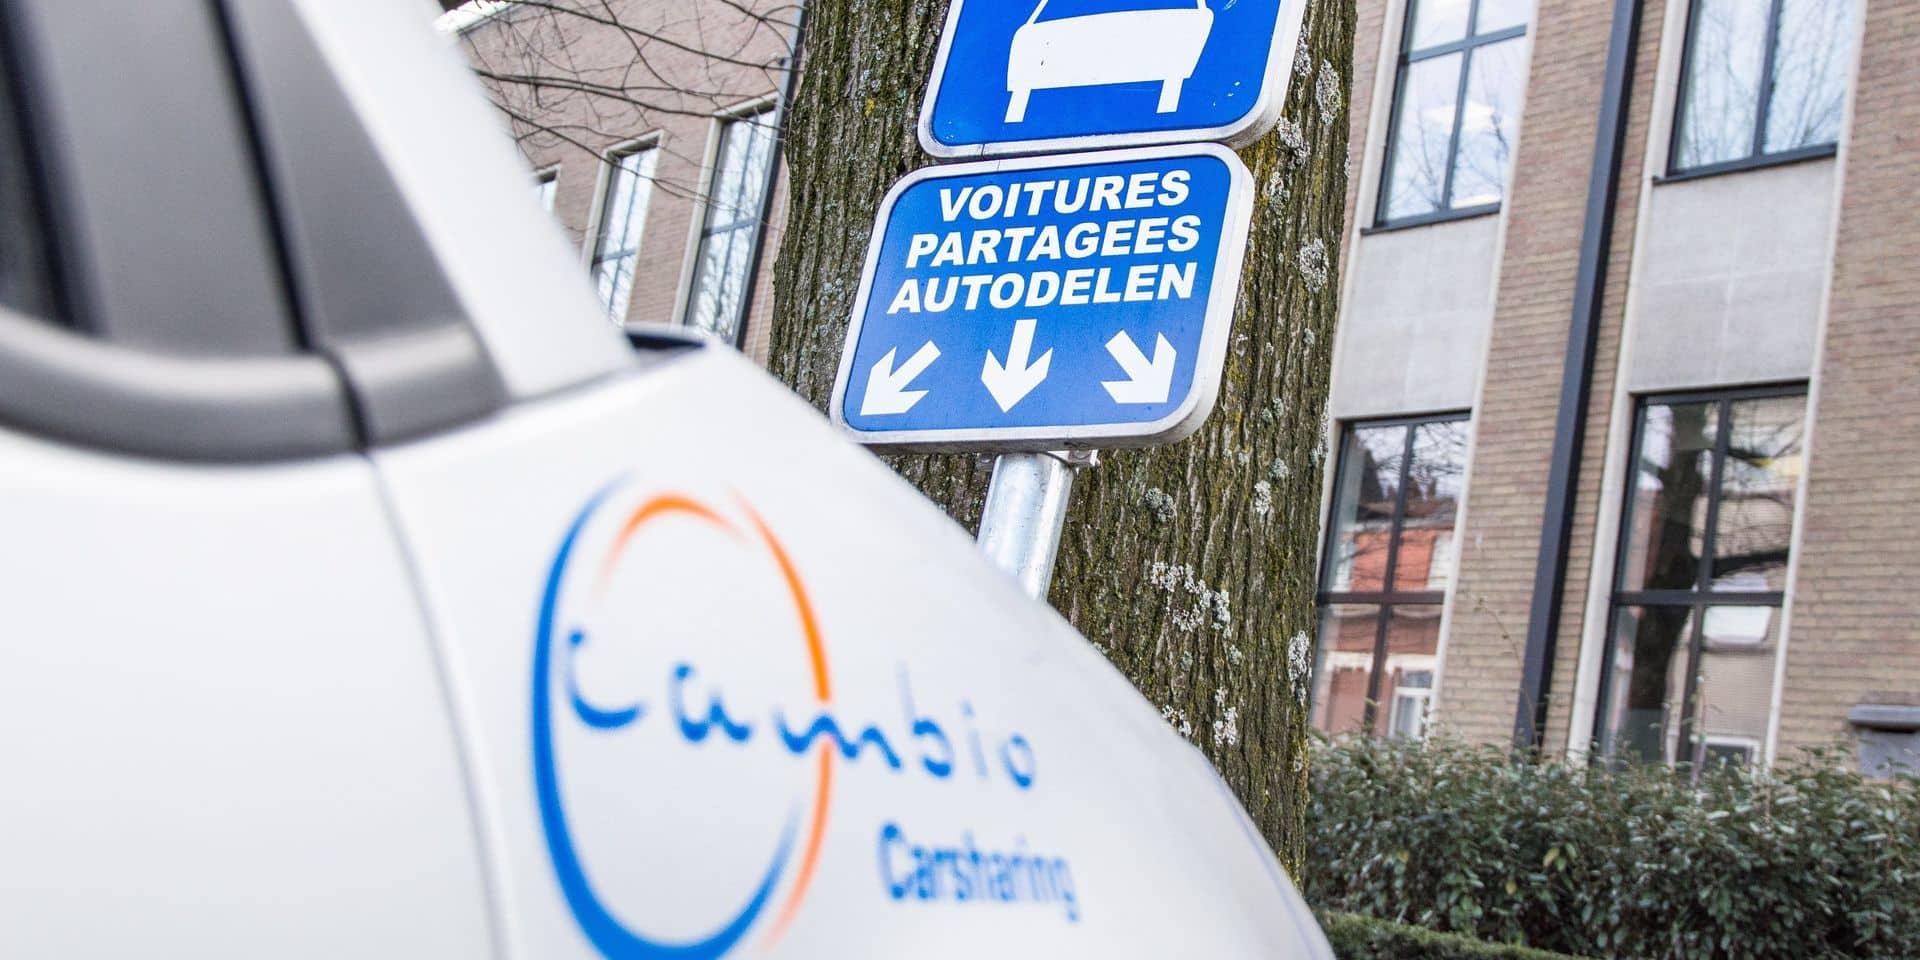 Mons : Six stations de voitures partagées (Cambio) disponibles en intra-muros